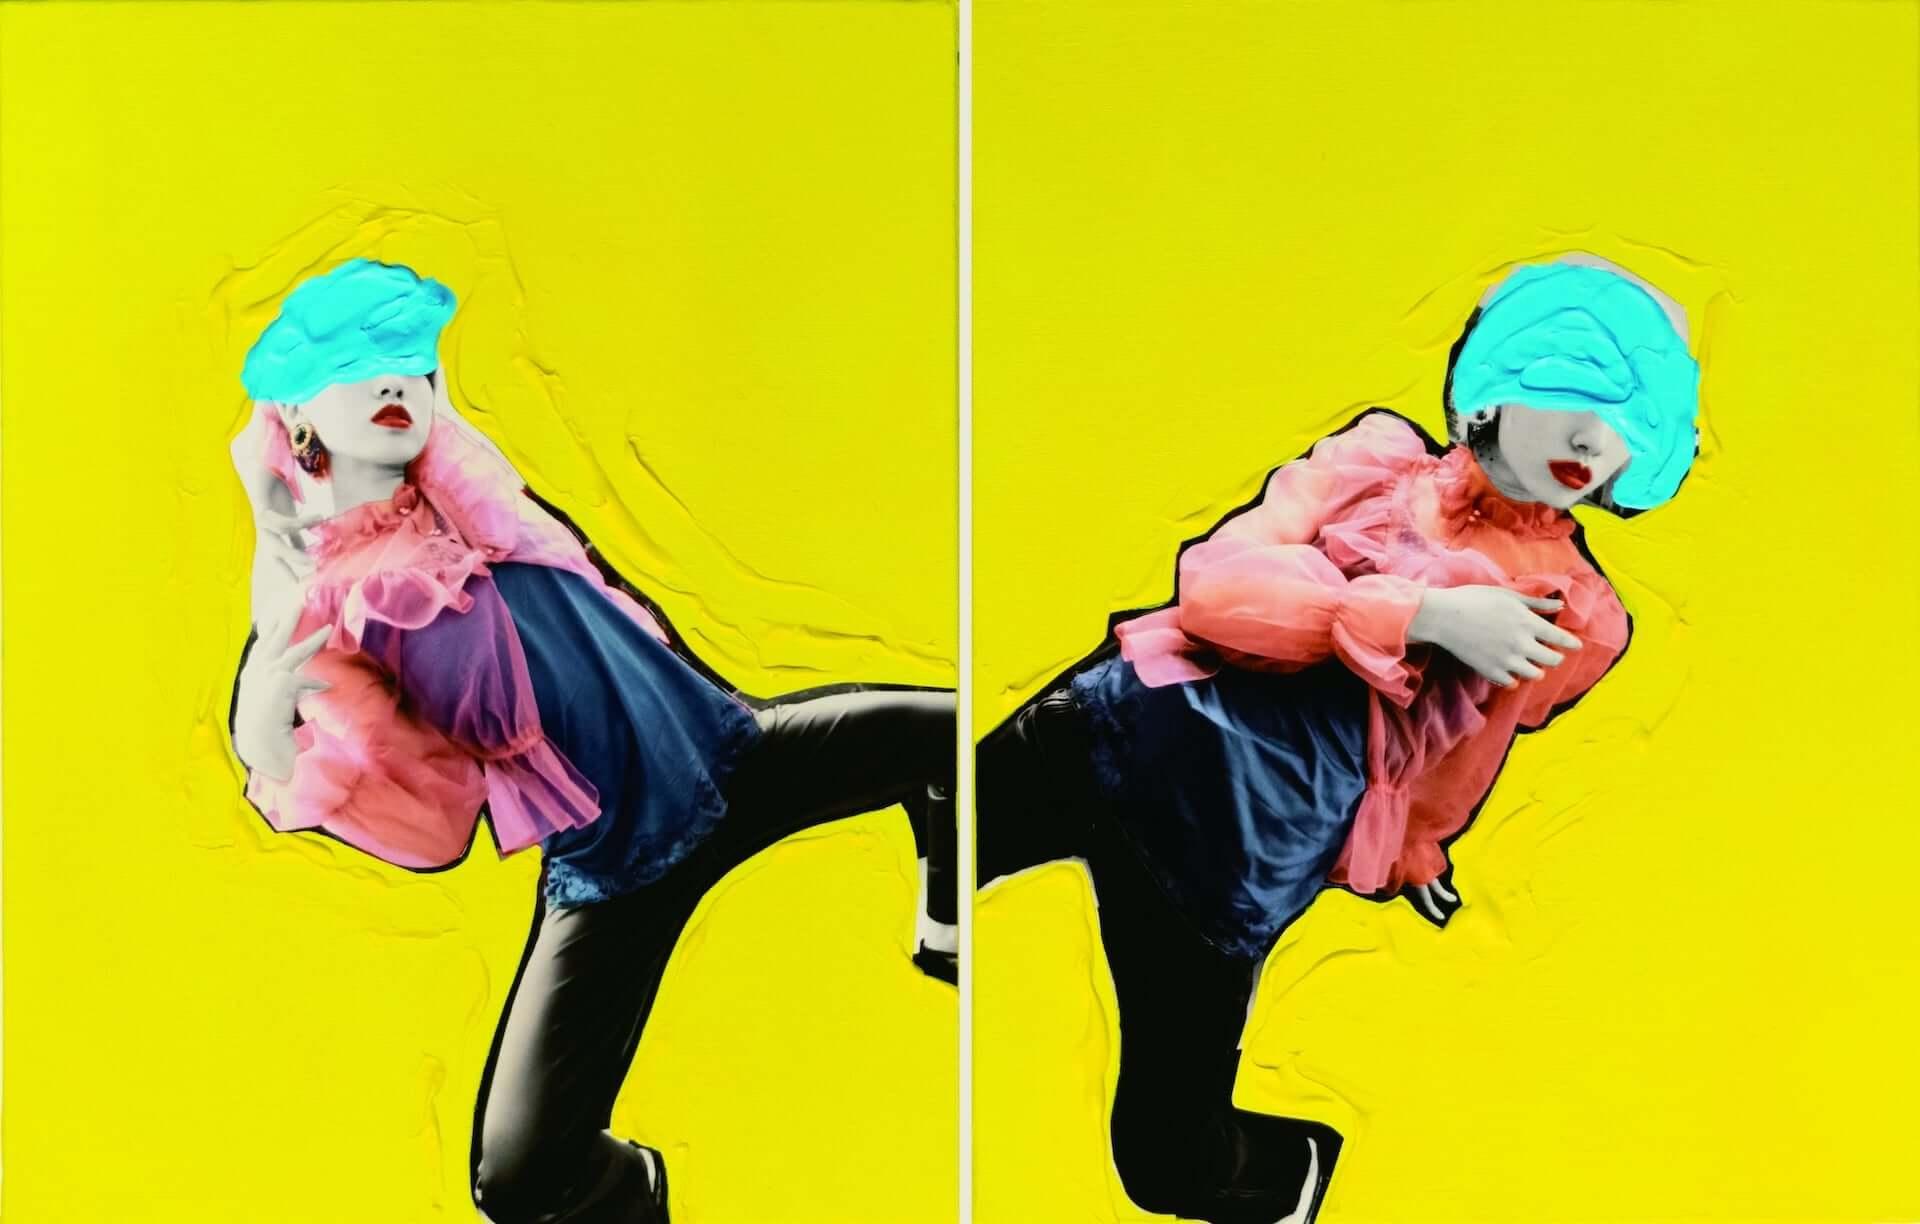 野性爆弾COOKIEが画家として新作を発表!米原康正、秋赤音、Hajime Kinokoら出展の<リアルトウキョウアート>が入場無料で開催 art200324_realtokyoart_8-1920x1224